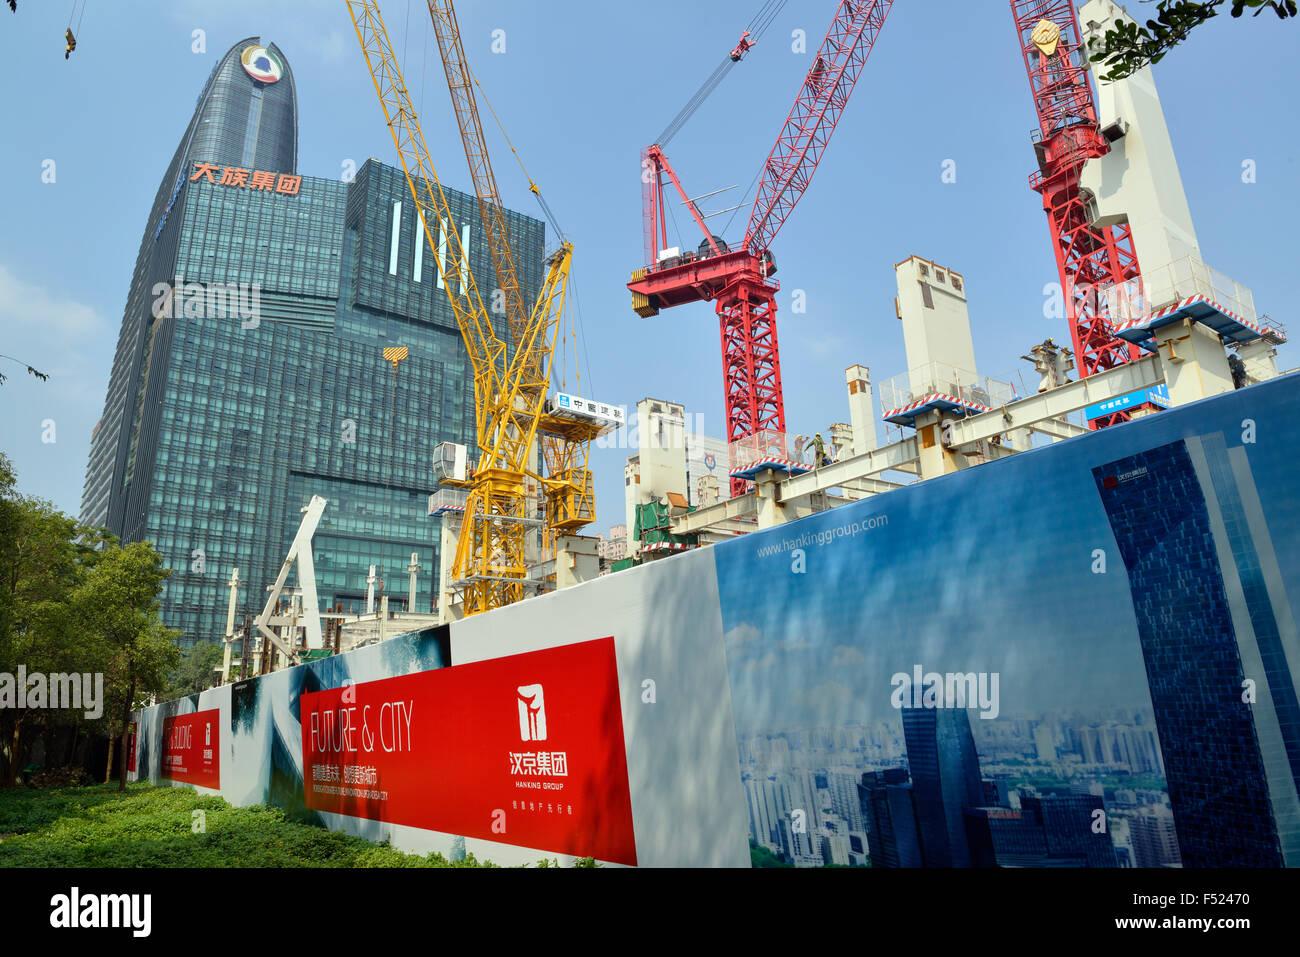 Un sitio de construcción en el parque de alta tecnología en el distrito de Nanshan, Shenzhen, China. Imagen De Stock